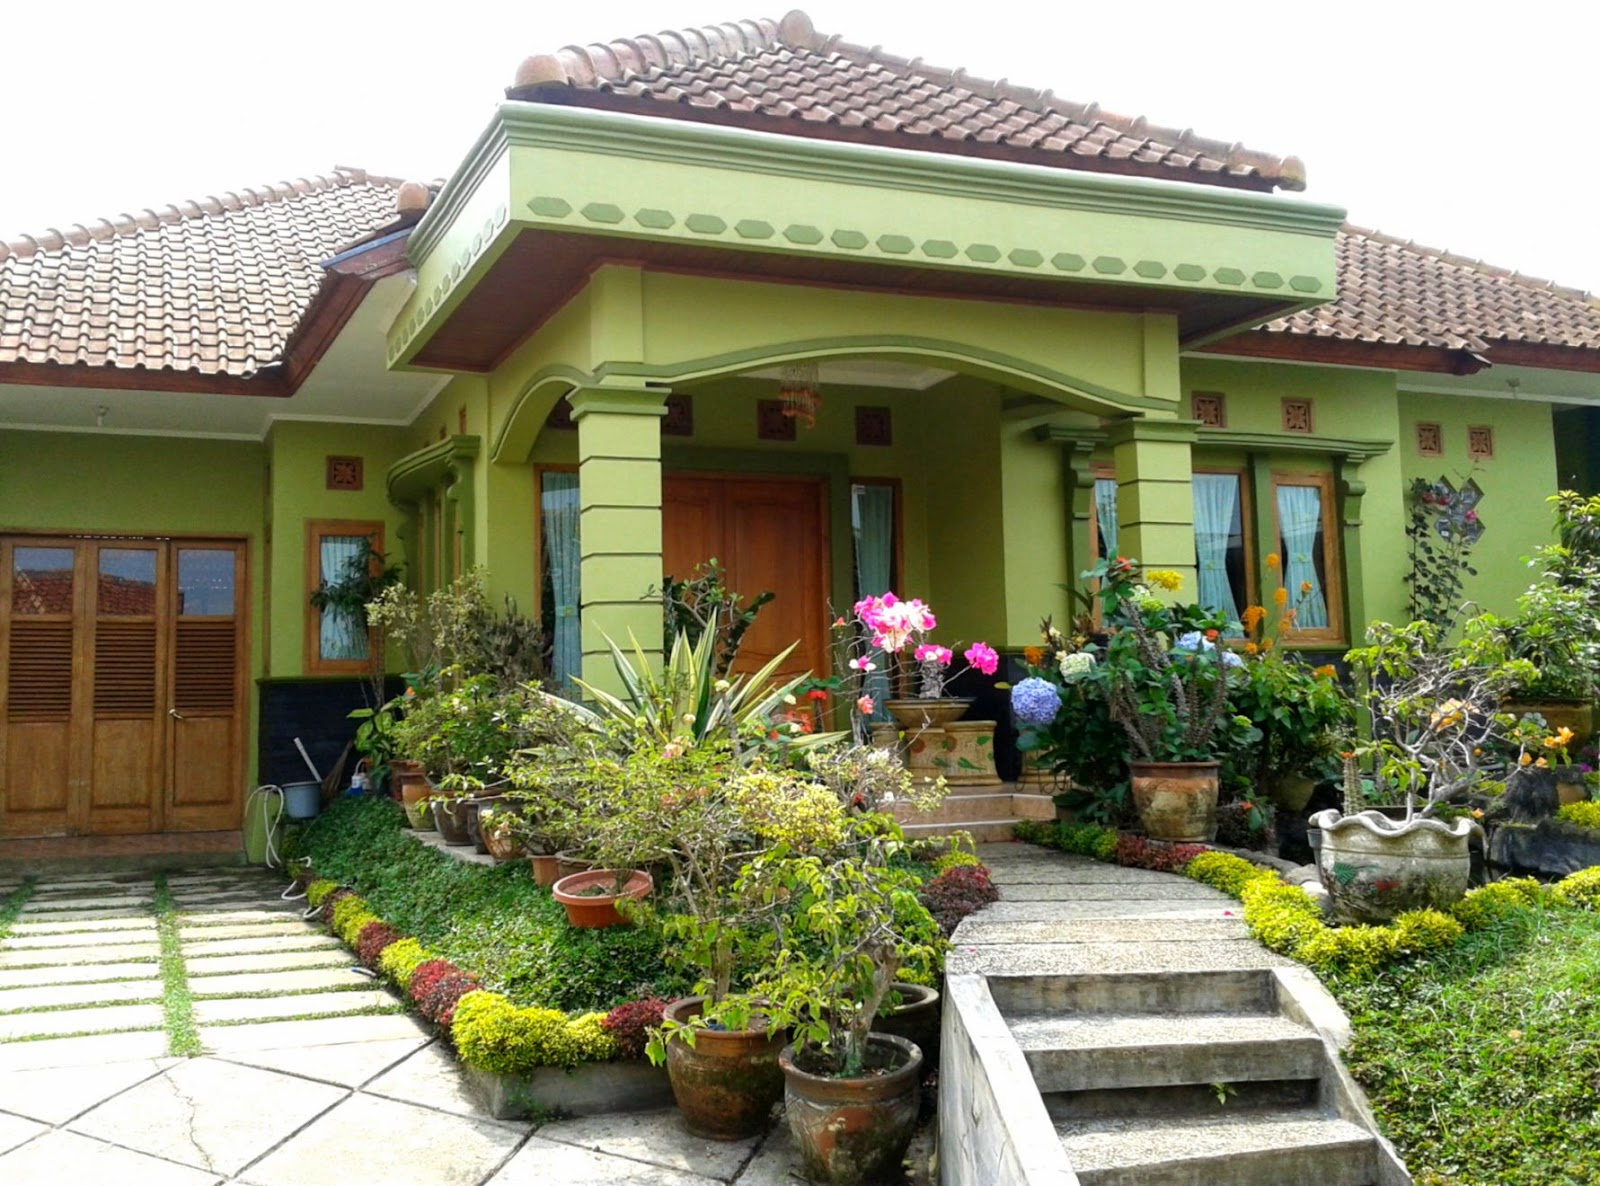 Foto Rumah Idaman Gallery Taman Minimalis